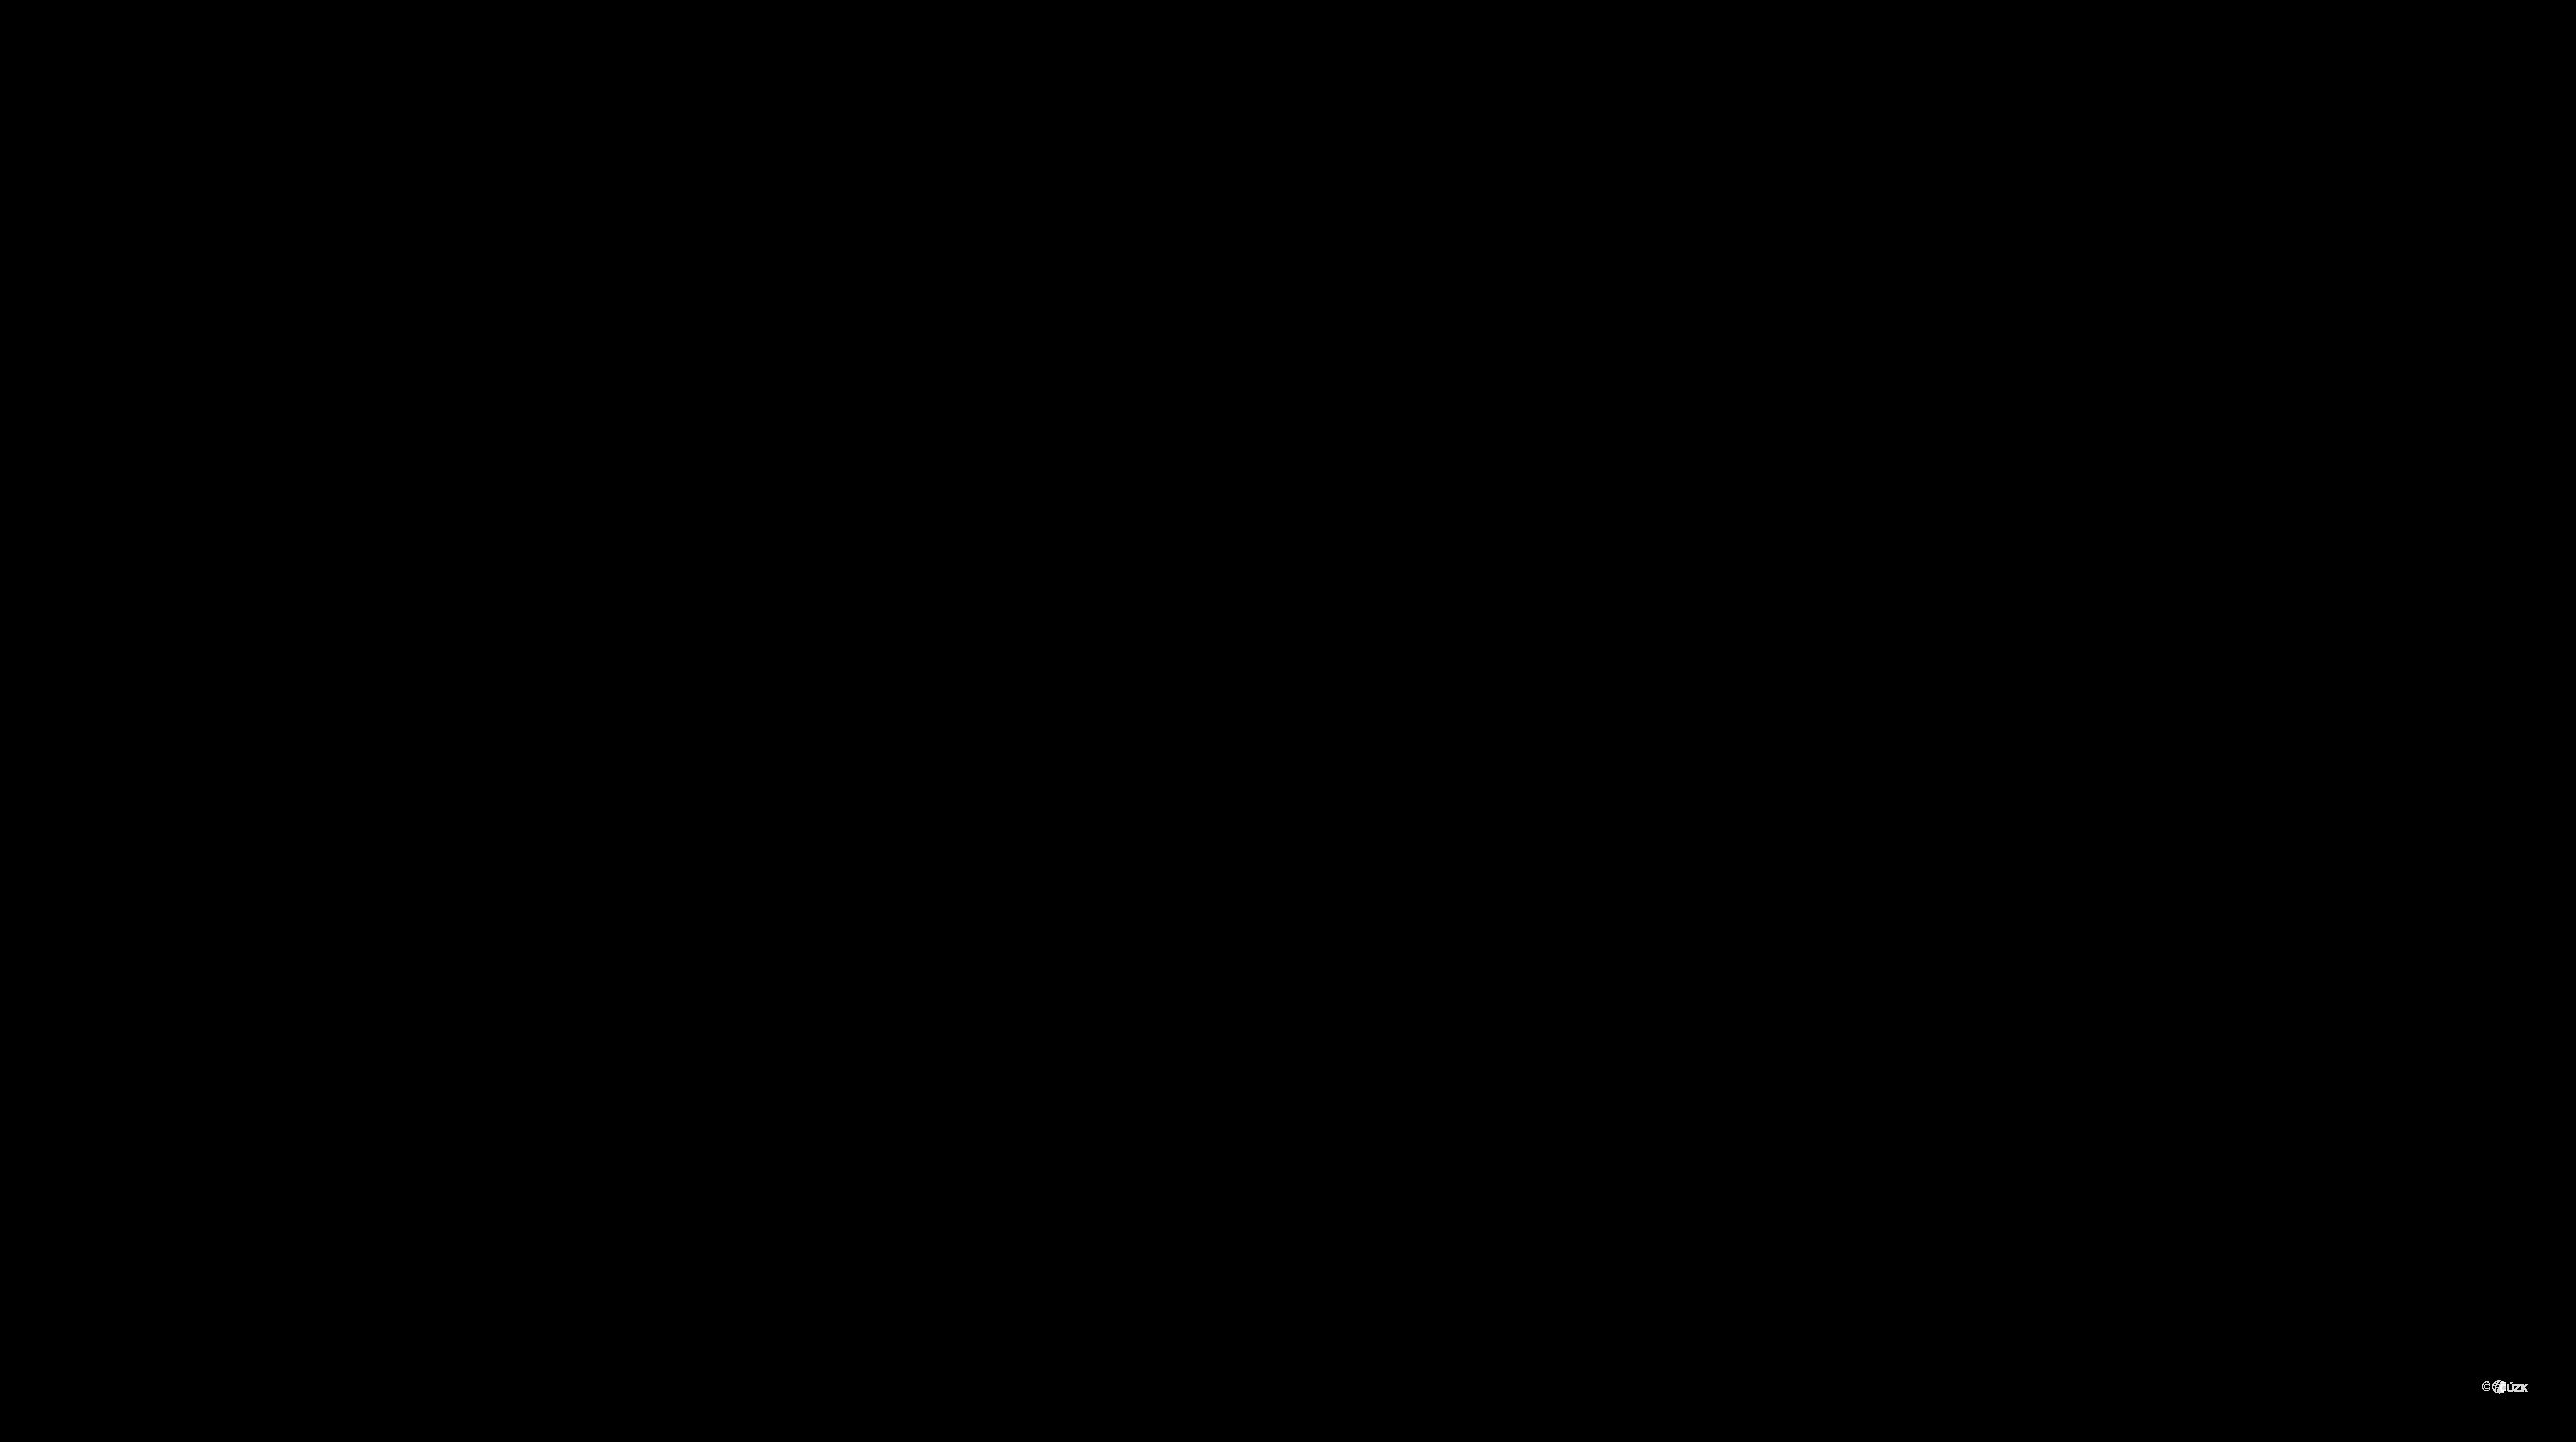 Katastrální mapa pozemků a čísla parcel Velký Karlov